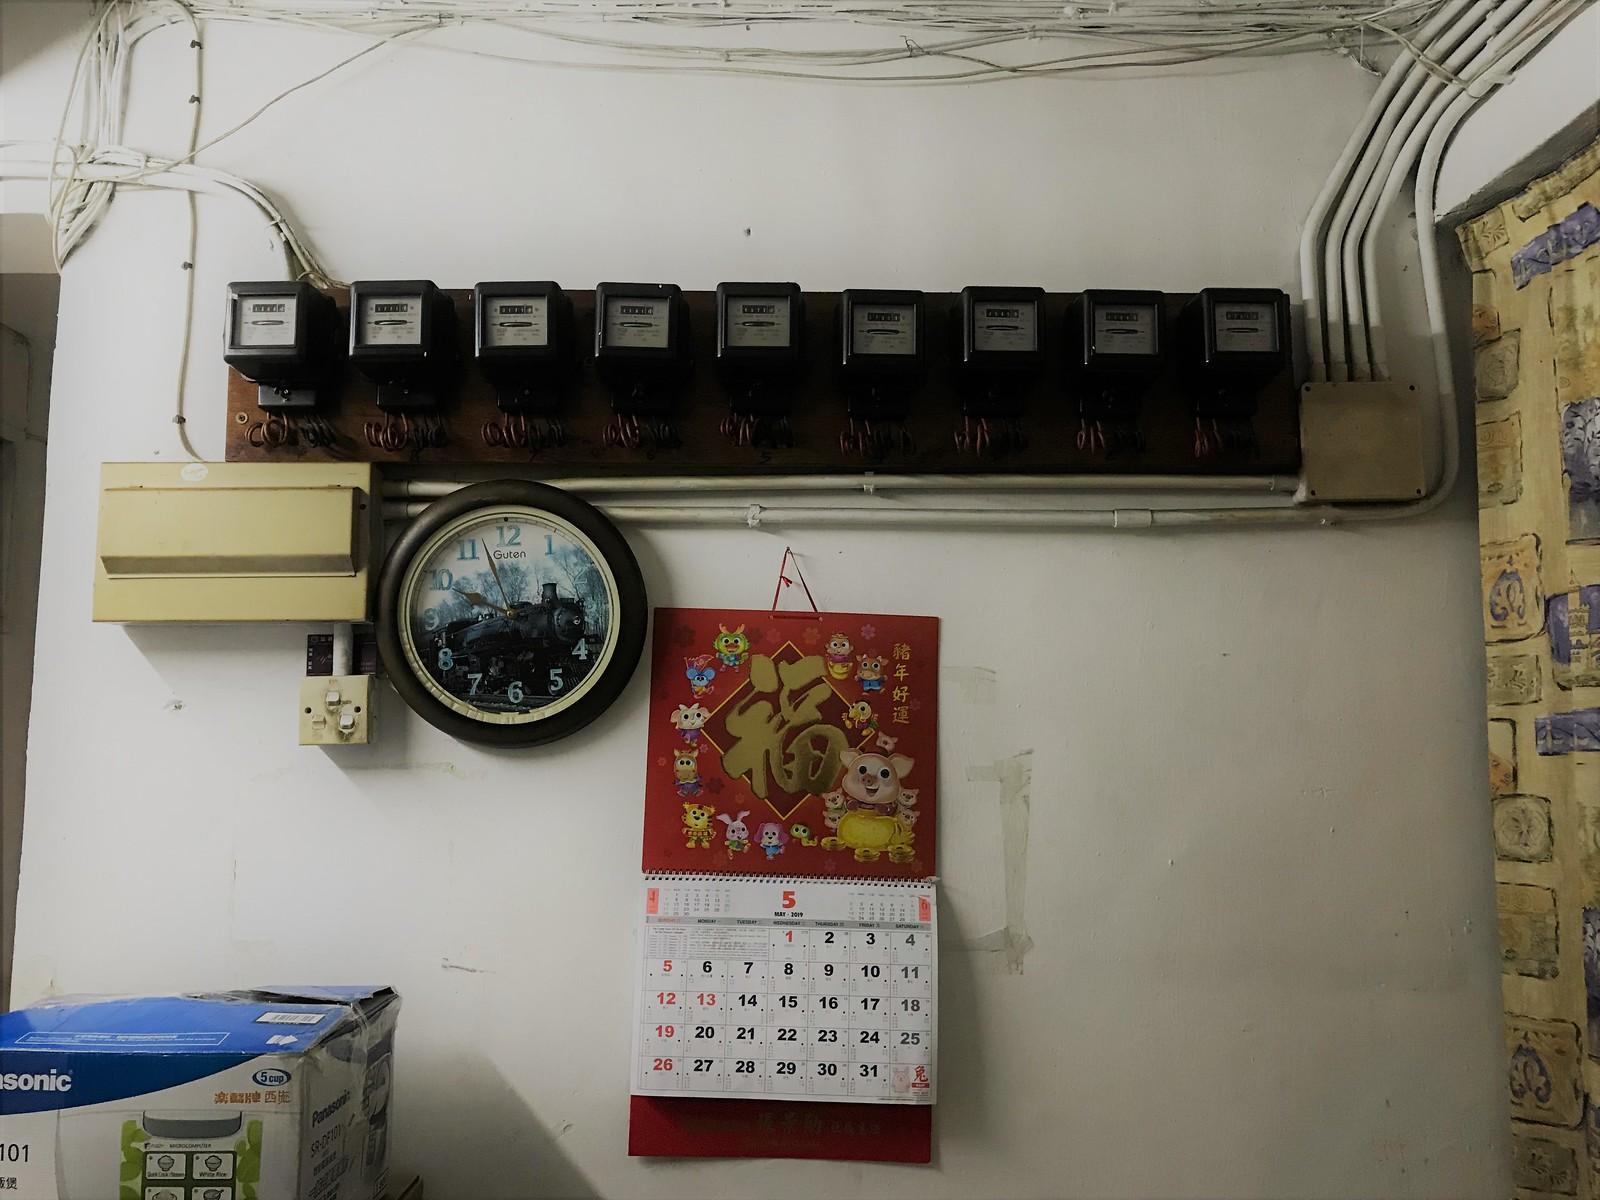 劏房租約條款亂咁寫 水電費亂收 「業主話幾多就係幾多」 | 獨媒報導 | 香港獨立媒體網